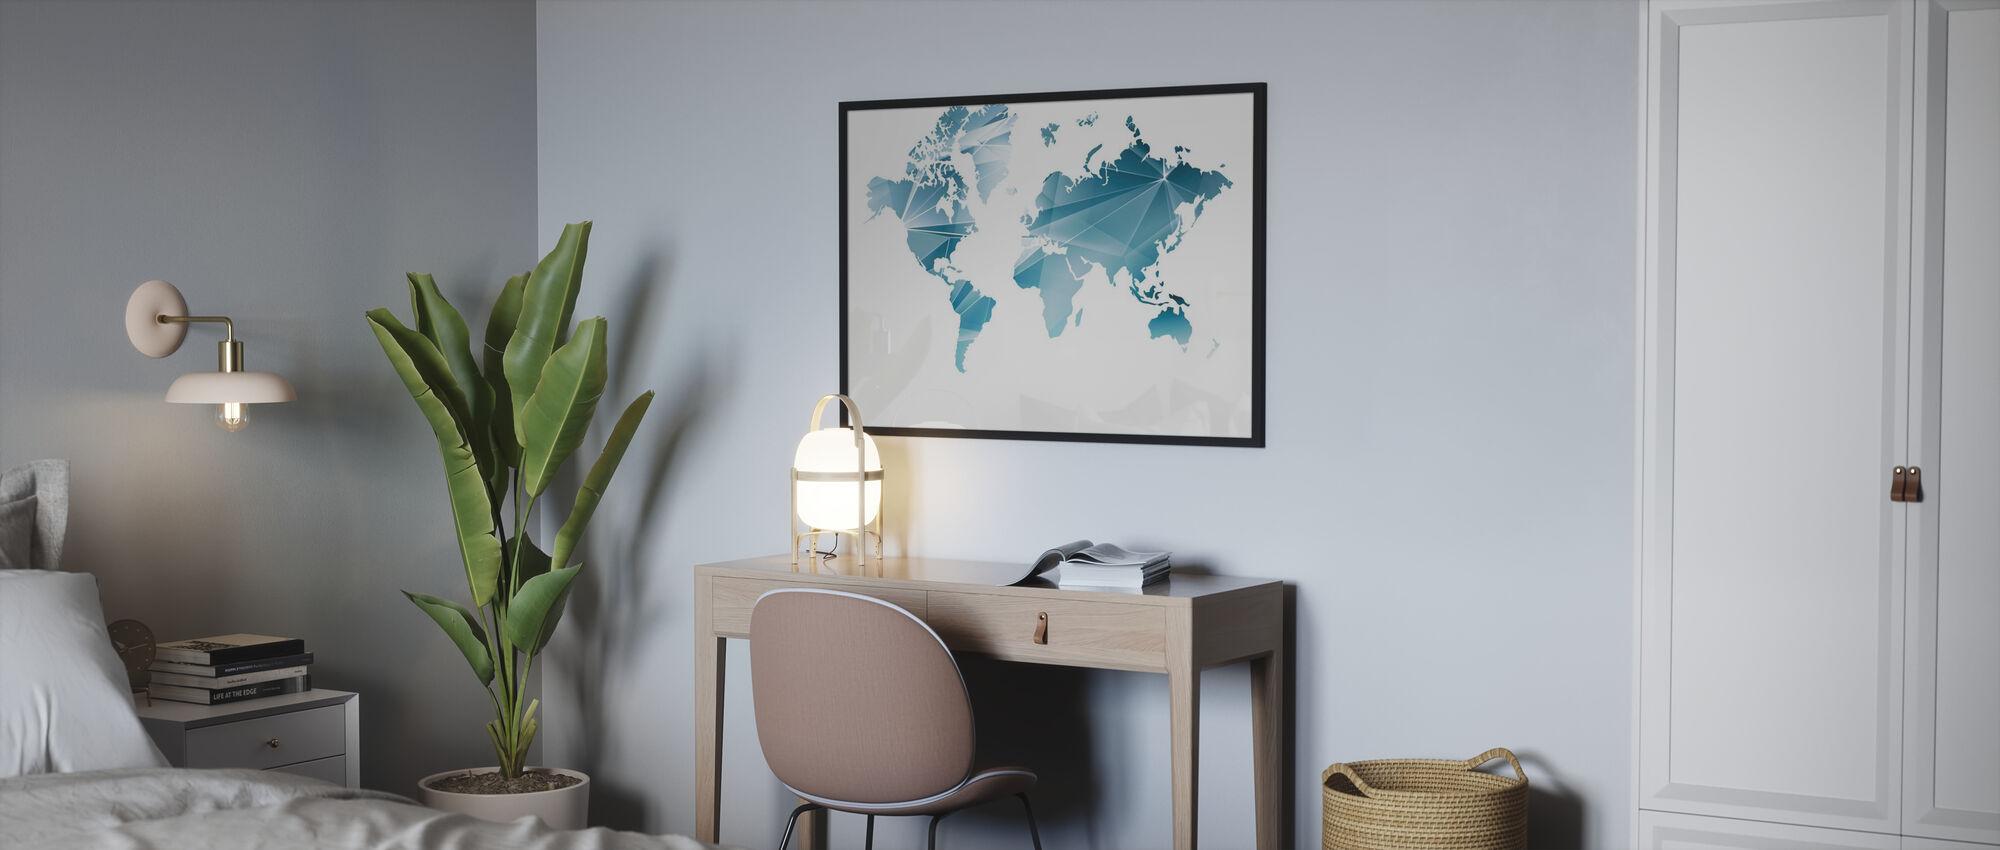 Geometrinen konsepti maailmankartta - Juliste - Makuuhuone